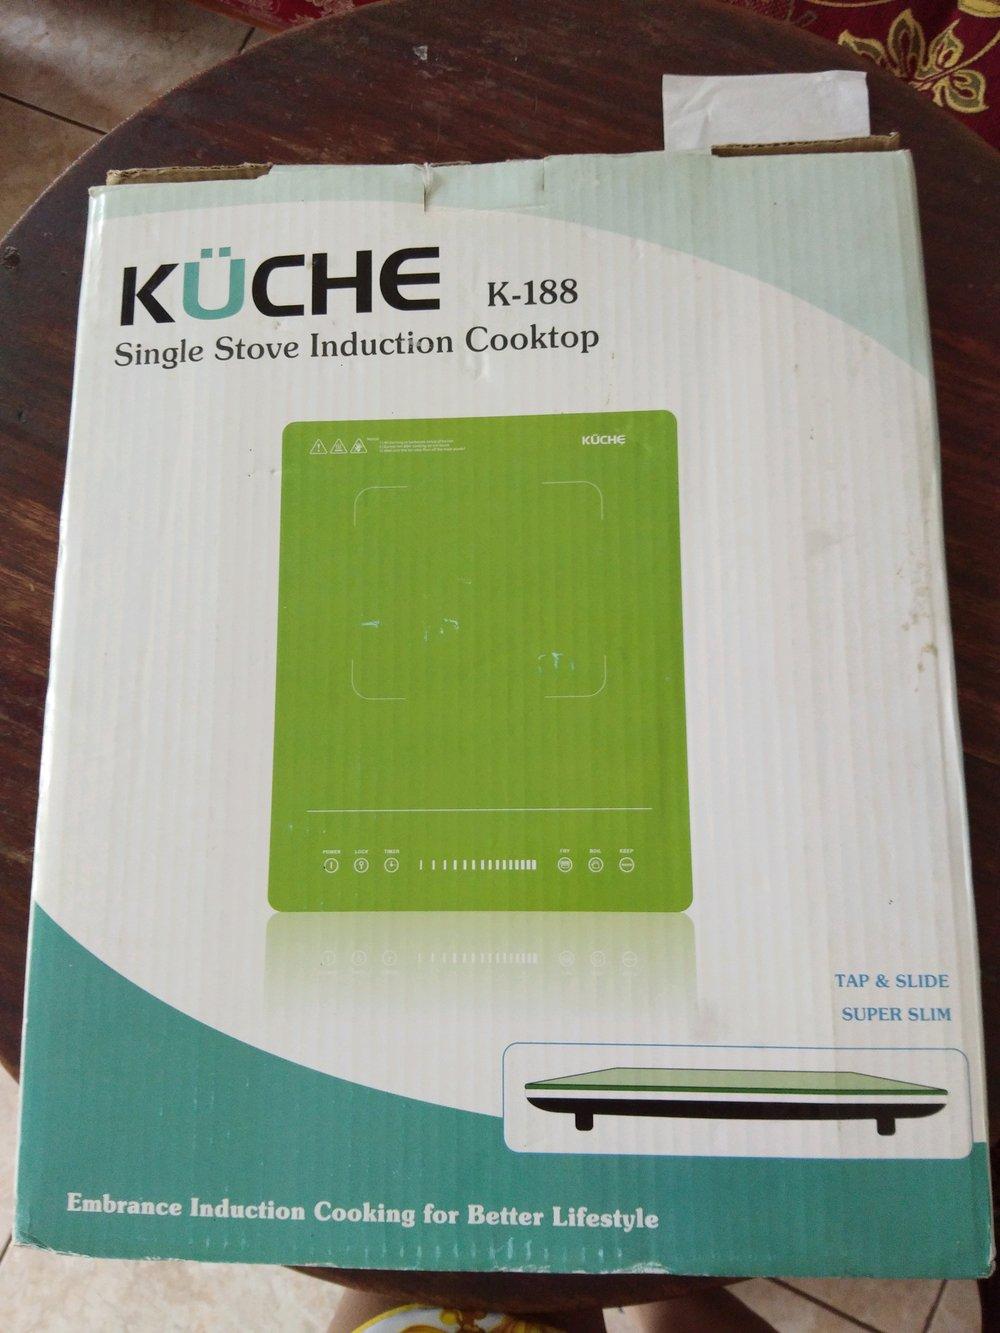 Full Size of Single Küche Komplett 15 Minuten Single Küche Schneller Als Der Pizza Service Single Küche Ikea Single Küche L Form Küche Single Küche